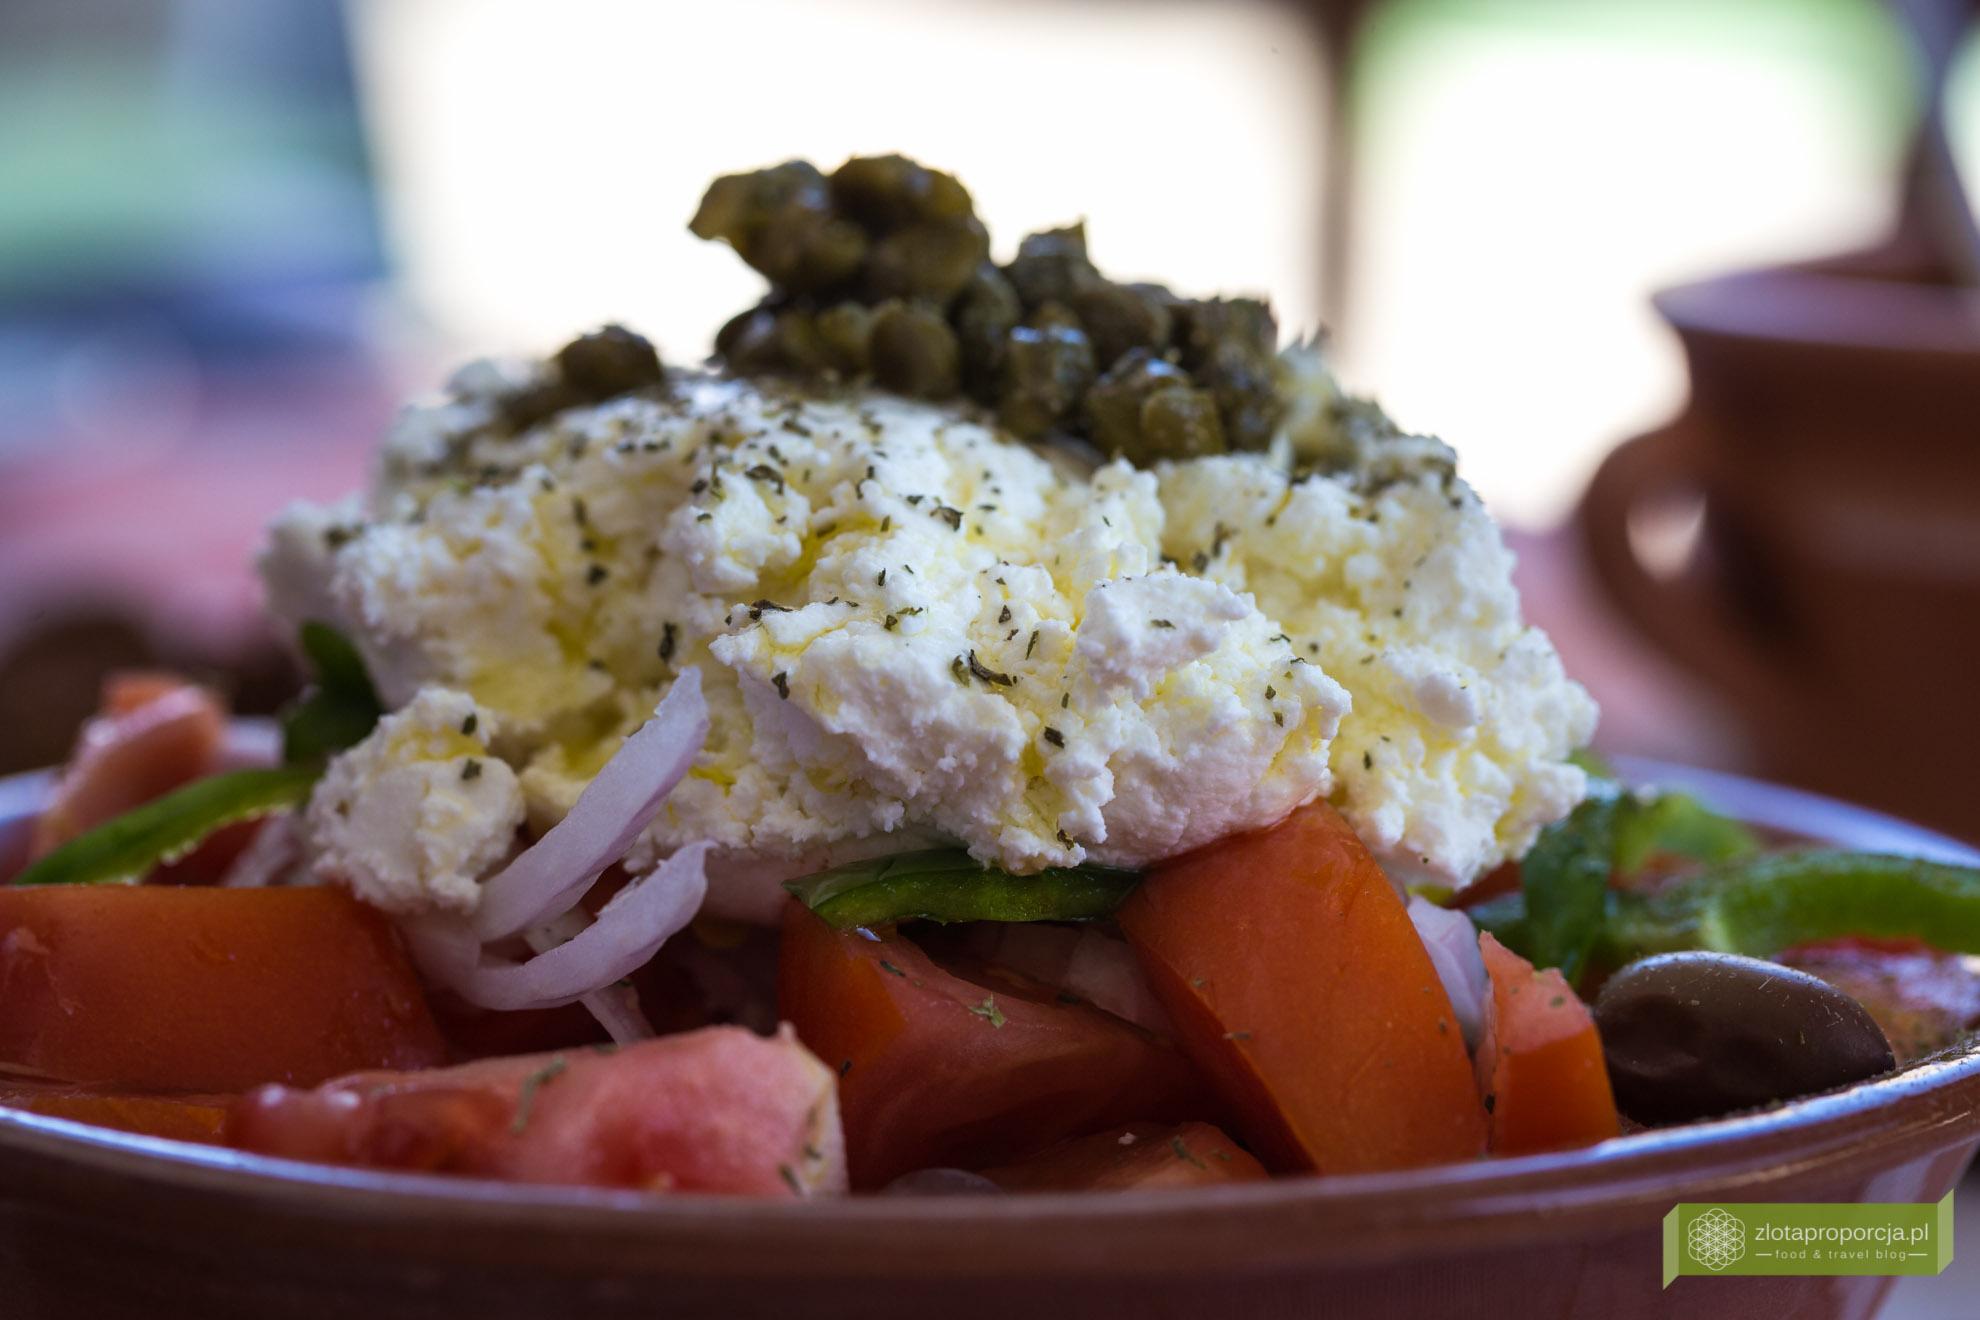 Sifnos, Cyklady, kuchnia Sifnos, kuchnia Cyklad, kuchnia grecka, Grecja, sałatka grecka, ser mizithra